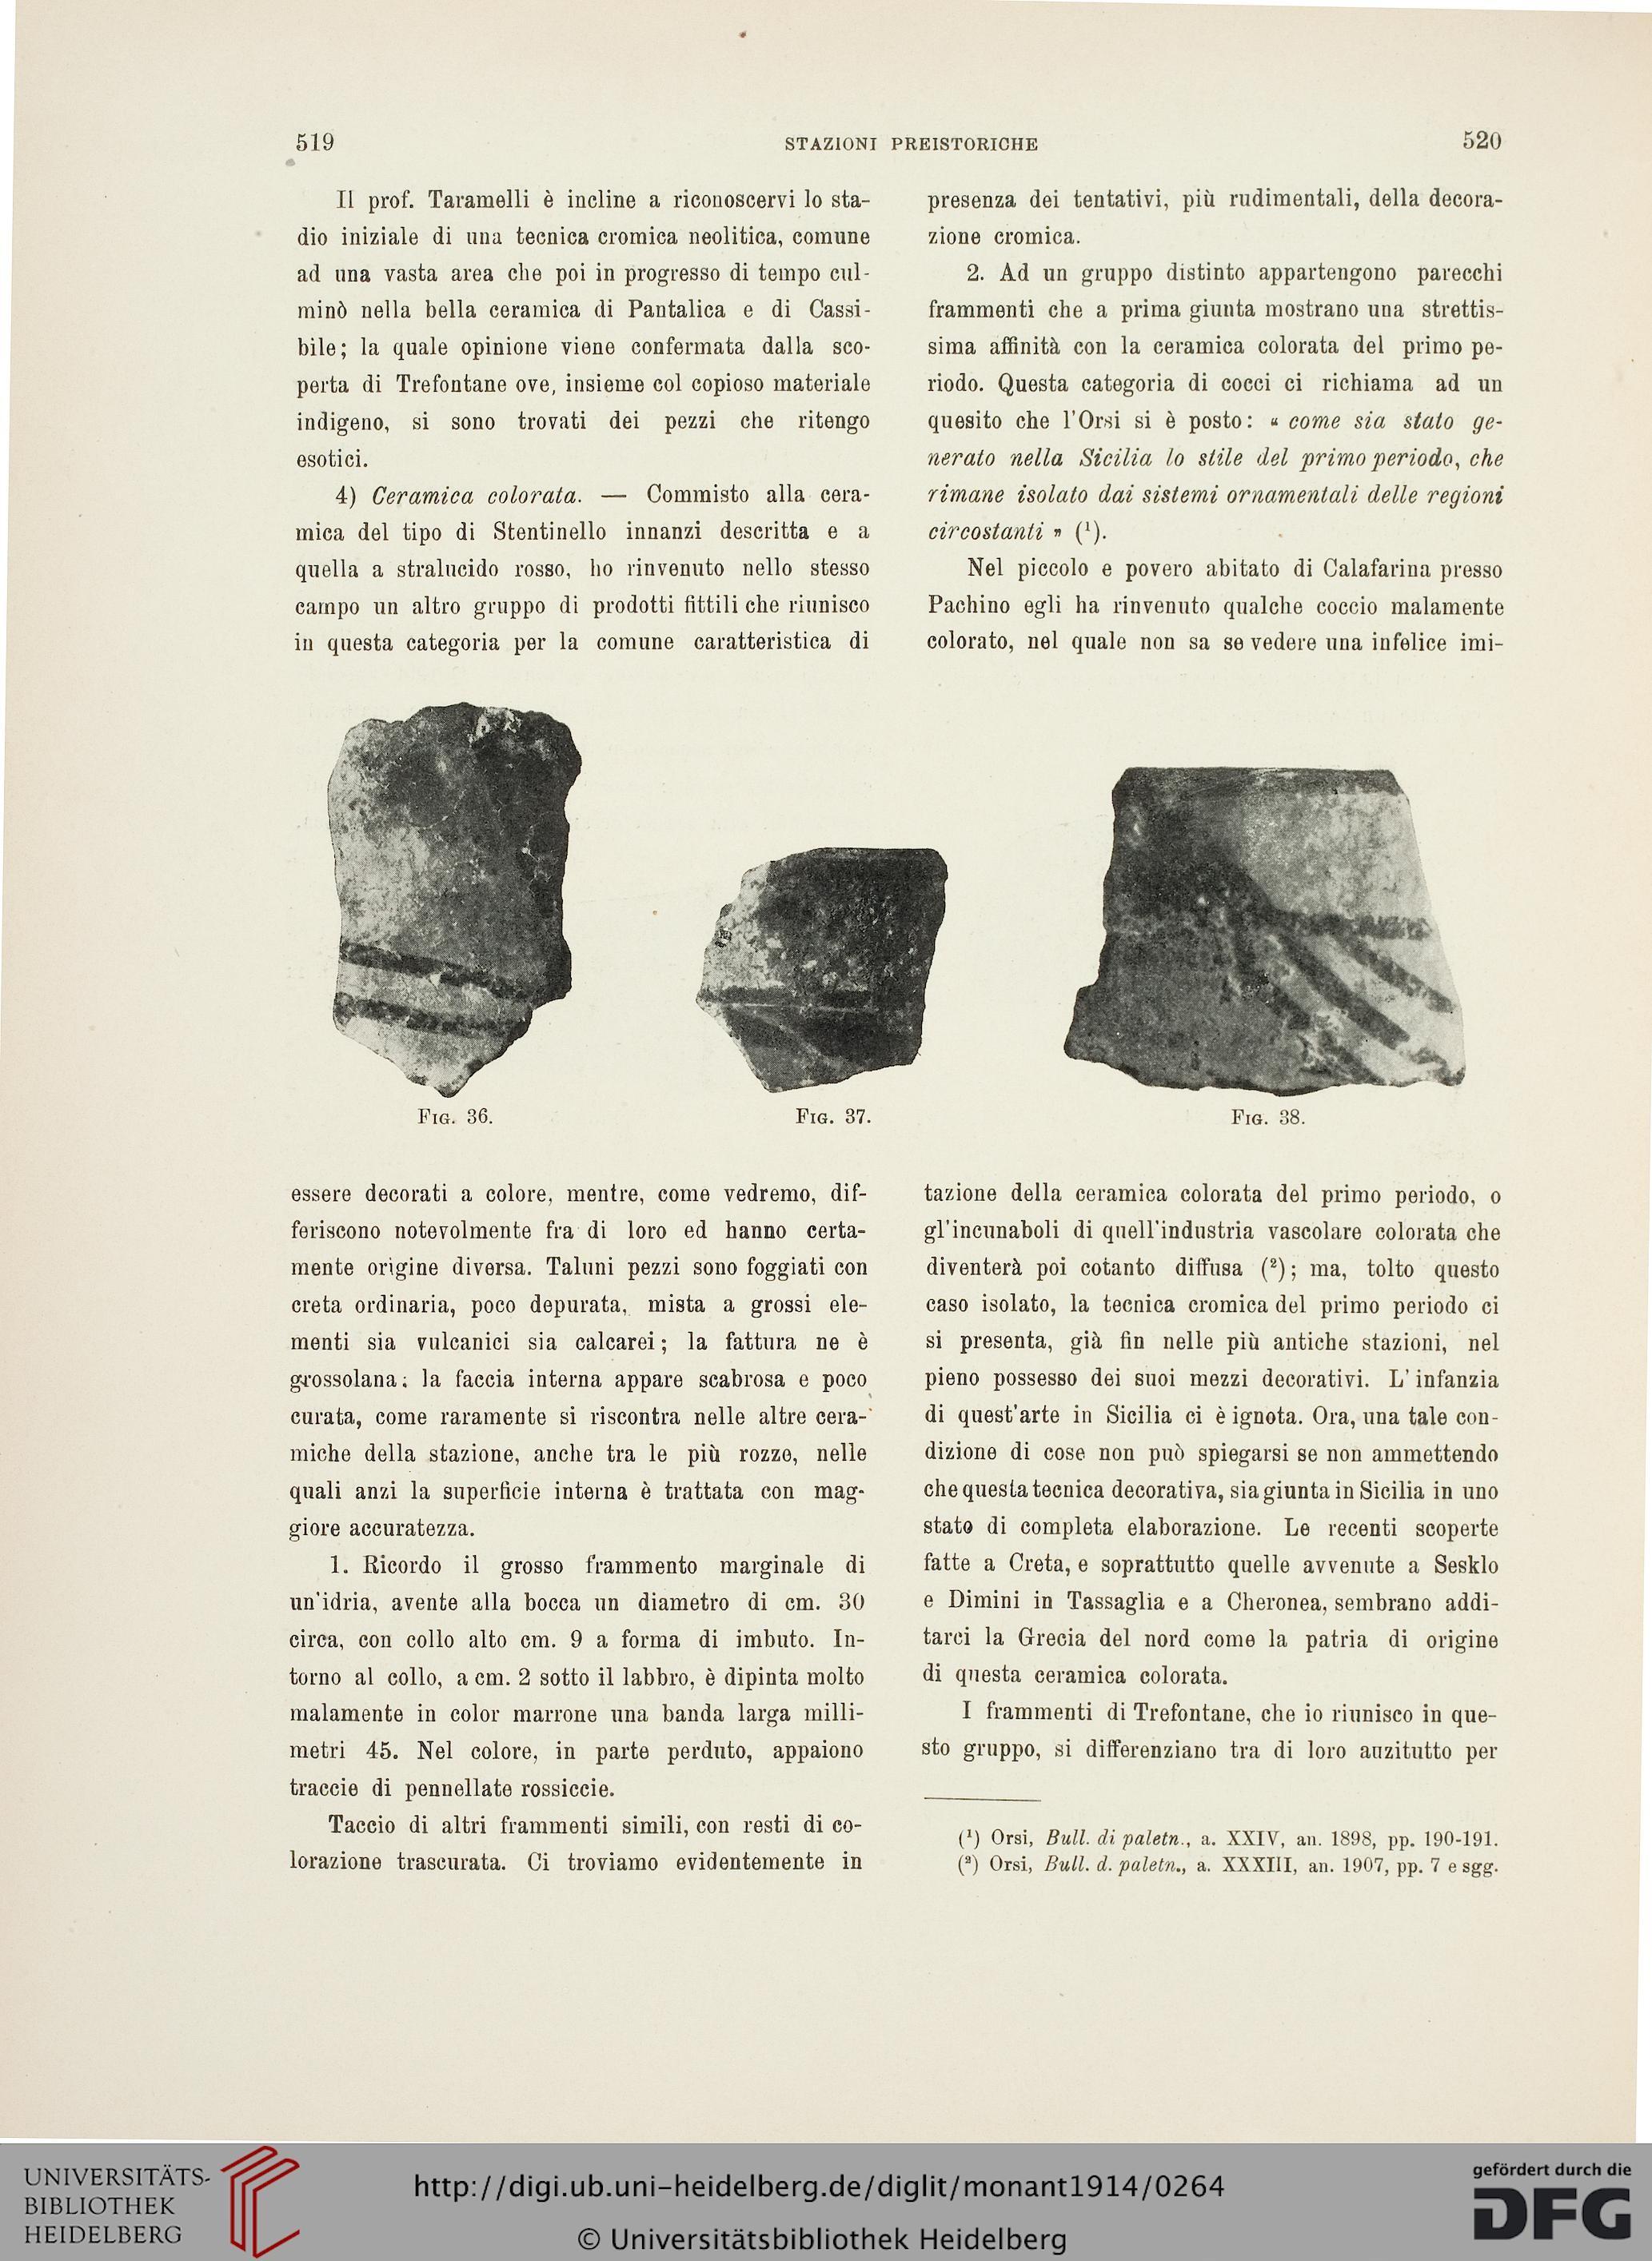 Accademia Nazionale dei Lincei Rom [Hrsg ] Monumenti antichi 23 1914